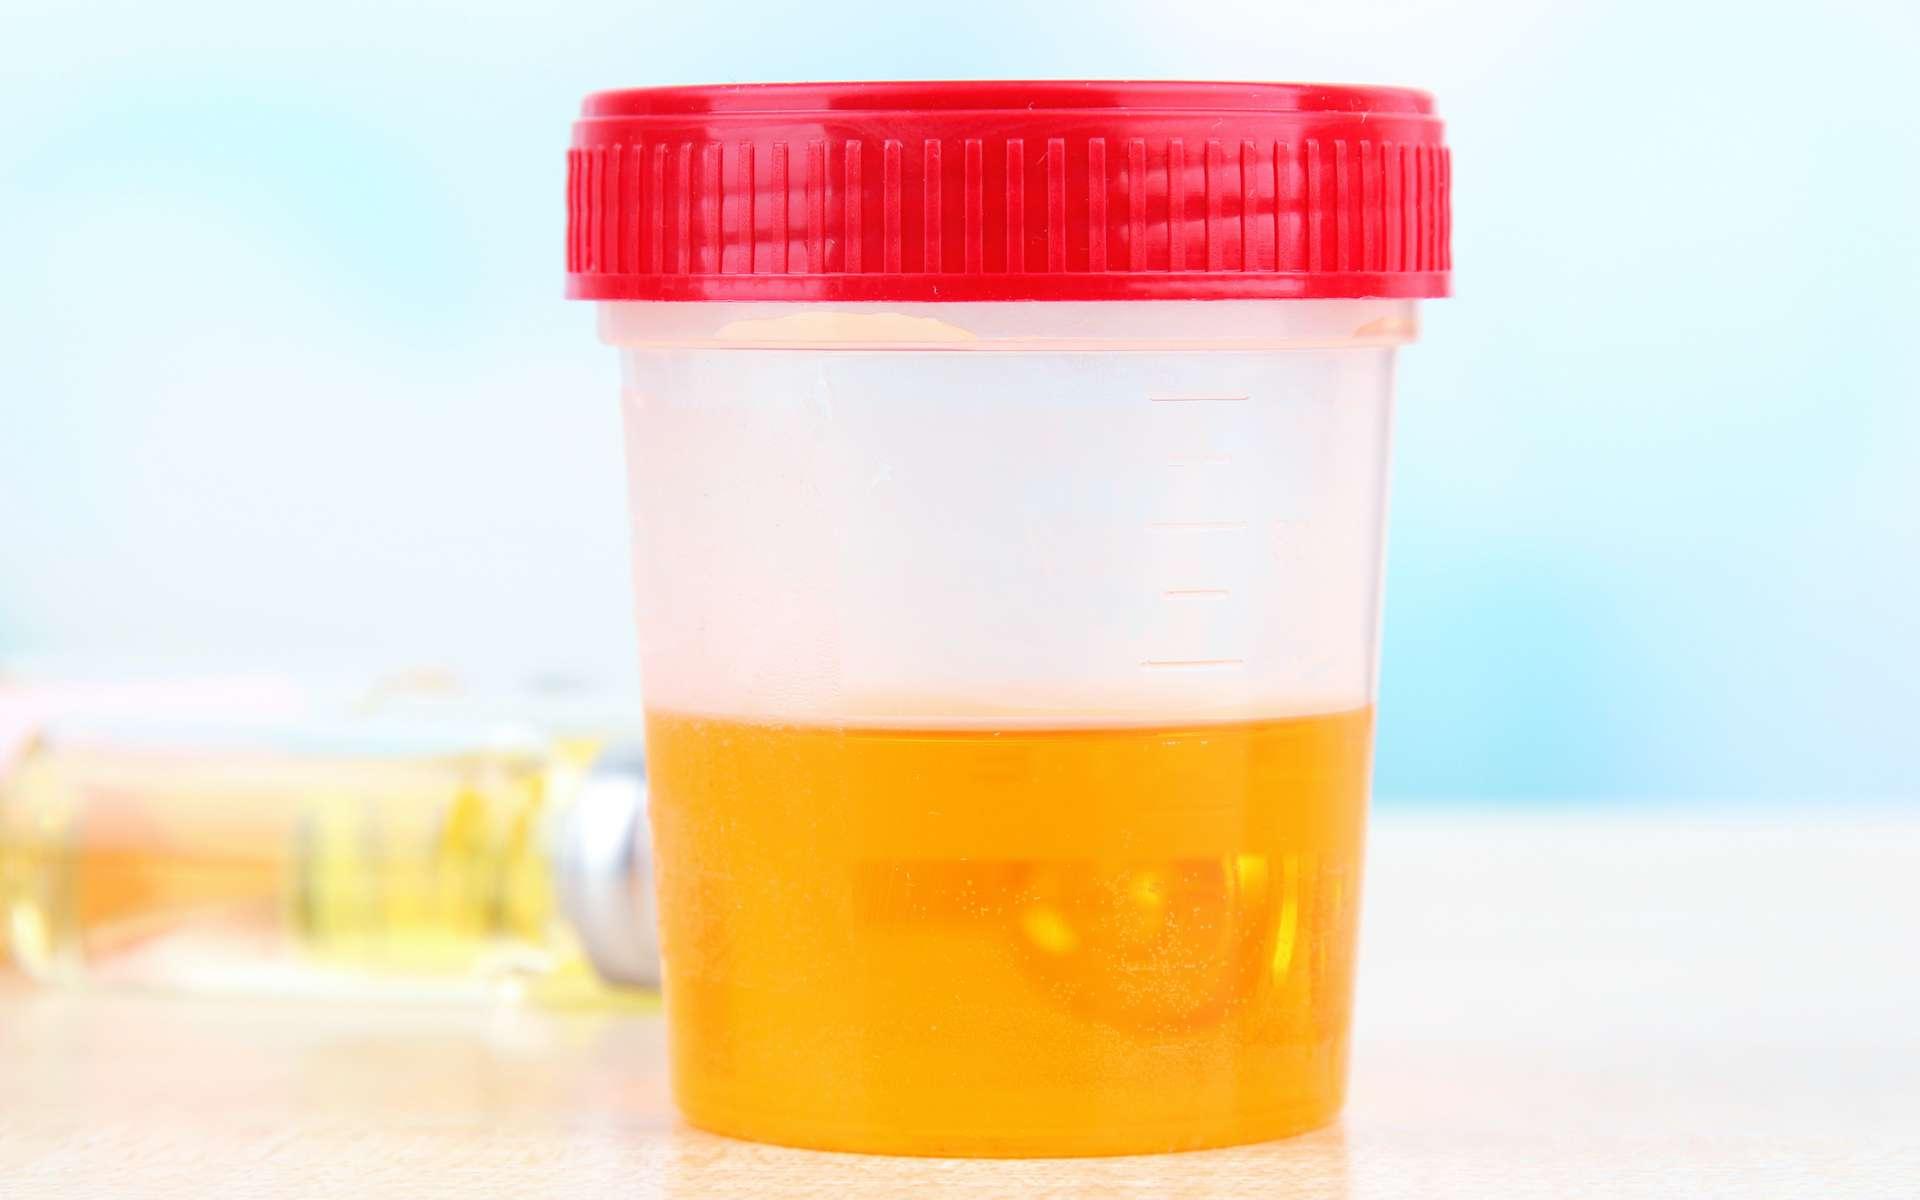 Le syndrome d'auto-fermentation urinaire est lié au développement de levures dans la vessie. © Africa Studio, Adobe Stock